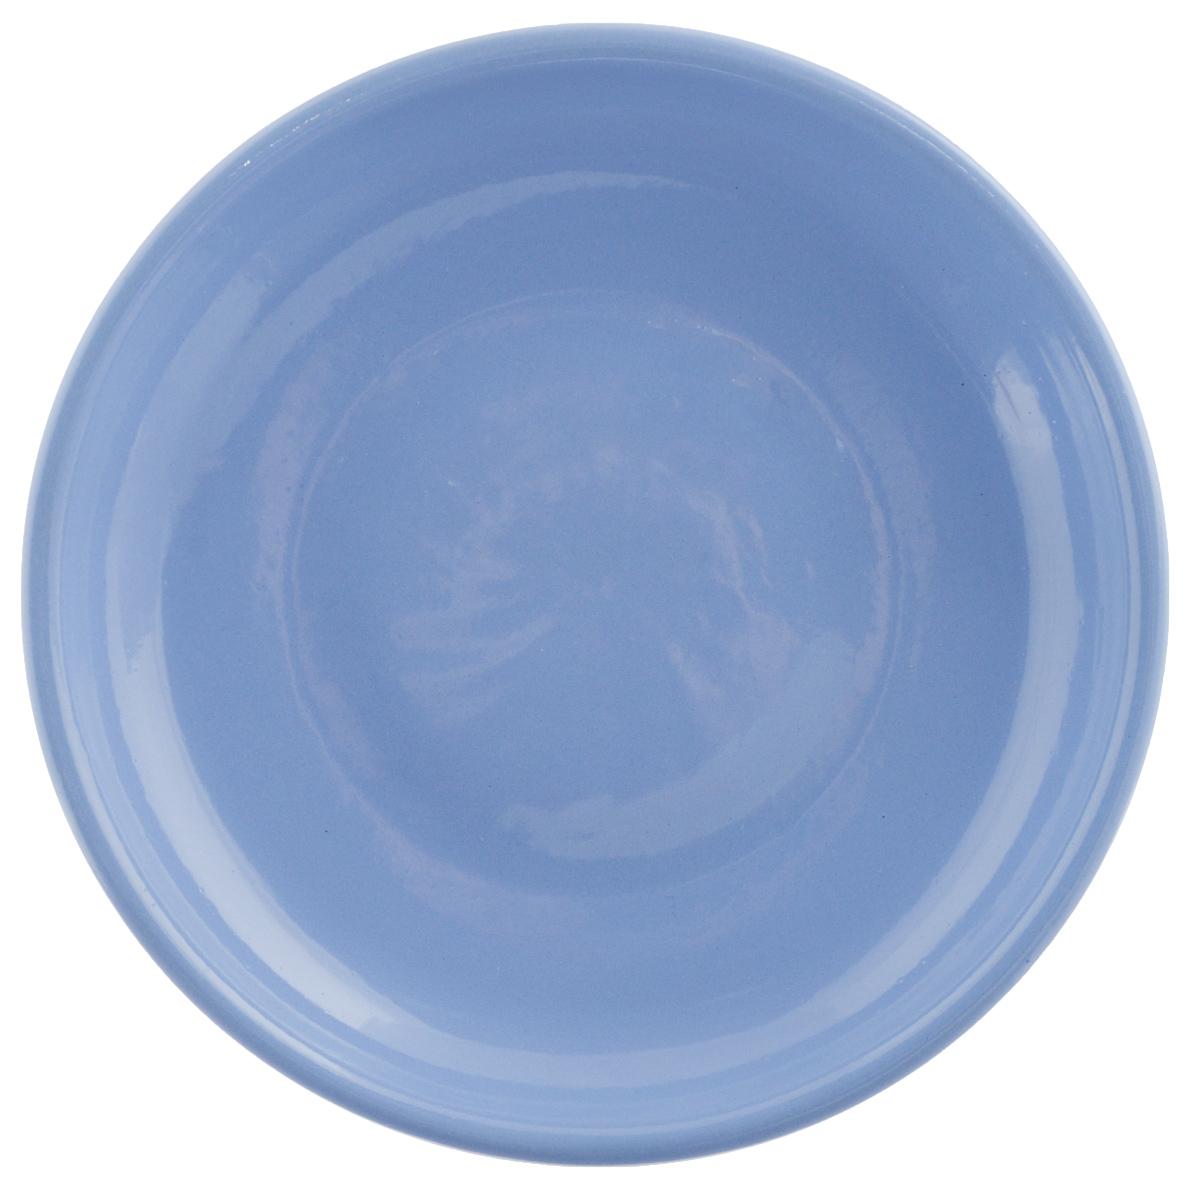 Тарелка Борисовская керамика Радуга, цвет: голубой, диаметр 18 смРАД00000458_голубойТарелка Борисовская керамика Радуга, изготовленная из глины, имеет изысканный внешний вид. Лаконичный дизайн придется по вкусу и ценителям классики, и тем, кто предпочитает утонченность. Такая тарелка идеально подойдет для сервировки стола, а также для запекания вторых блюд в духовке. Тарелка Борисовская керамика Радуга впишется в любой интерьер современной кухни и станет отличным подарком для вас и ваших близких. Можно использовать в микроволновой печи и духовке. Диаметр (по верхнему краю): 18 см.